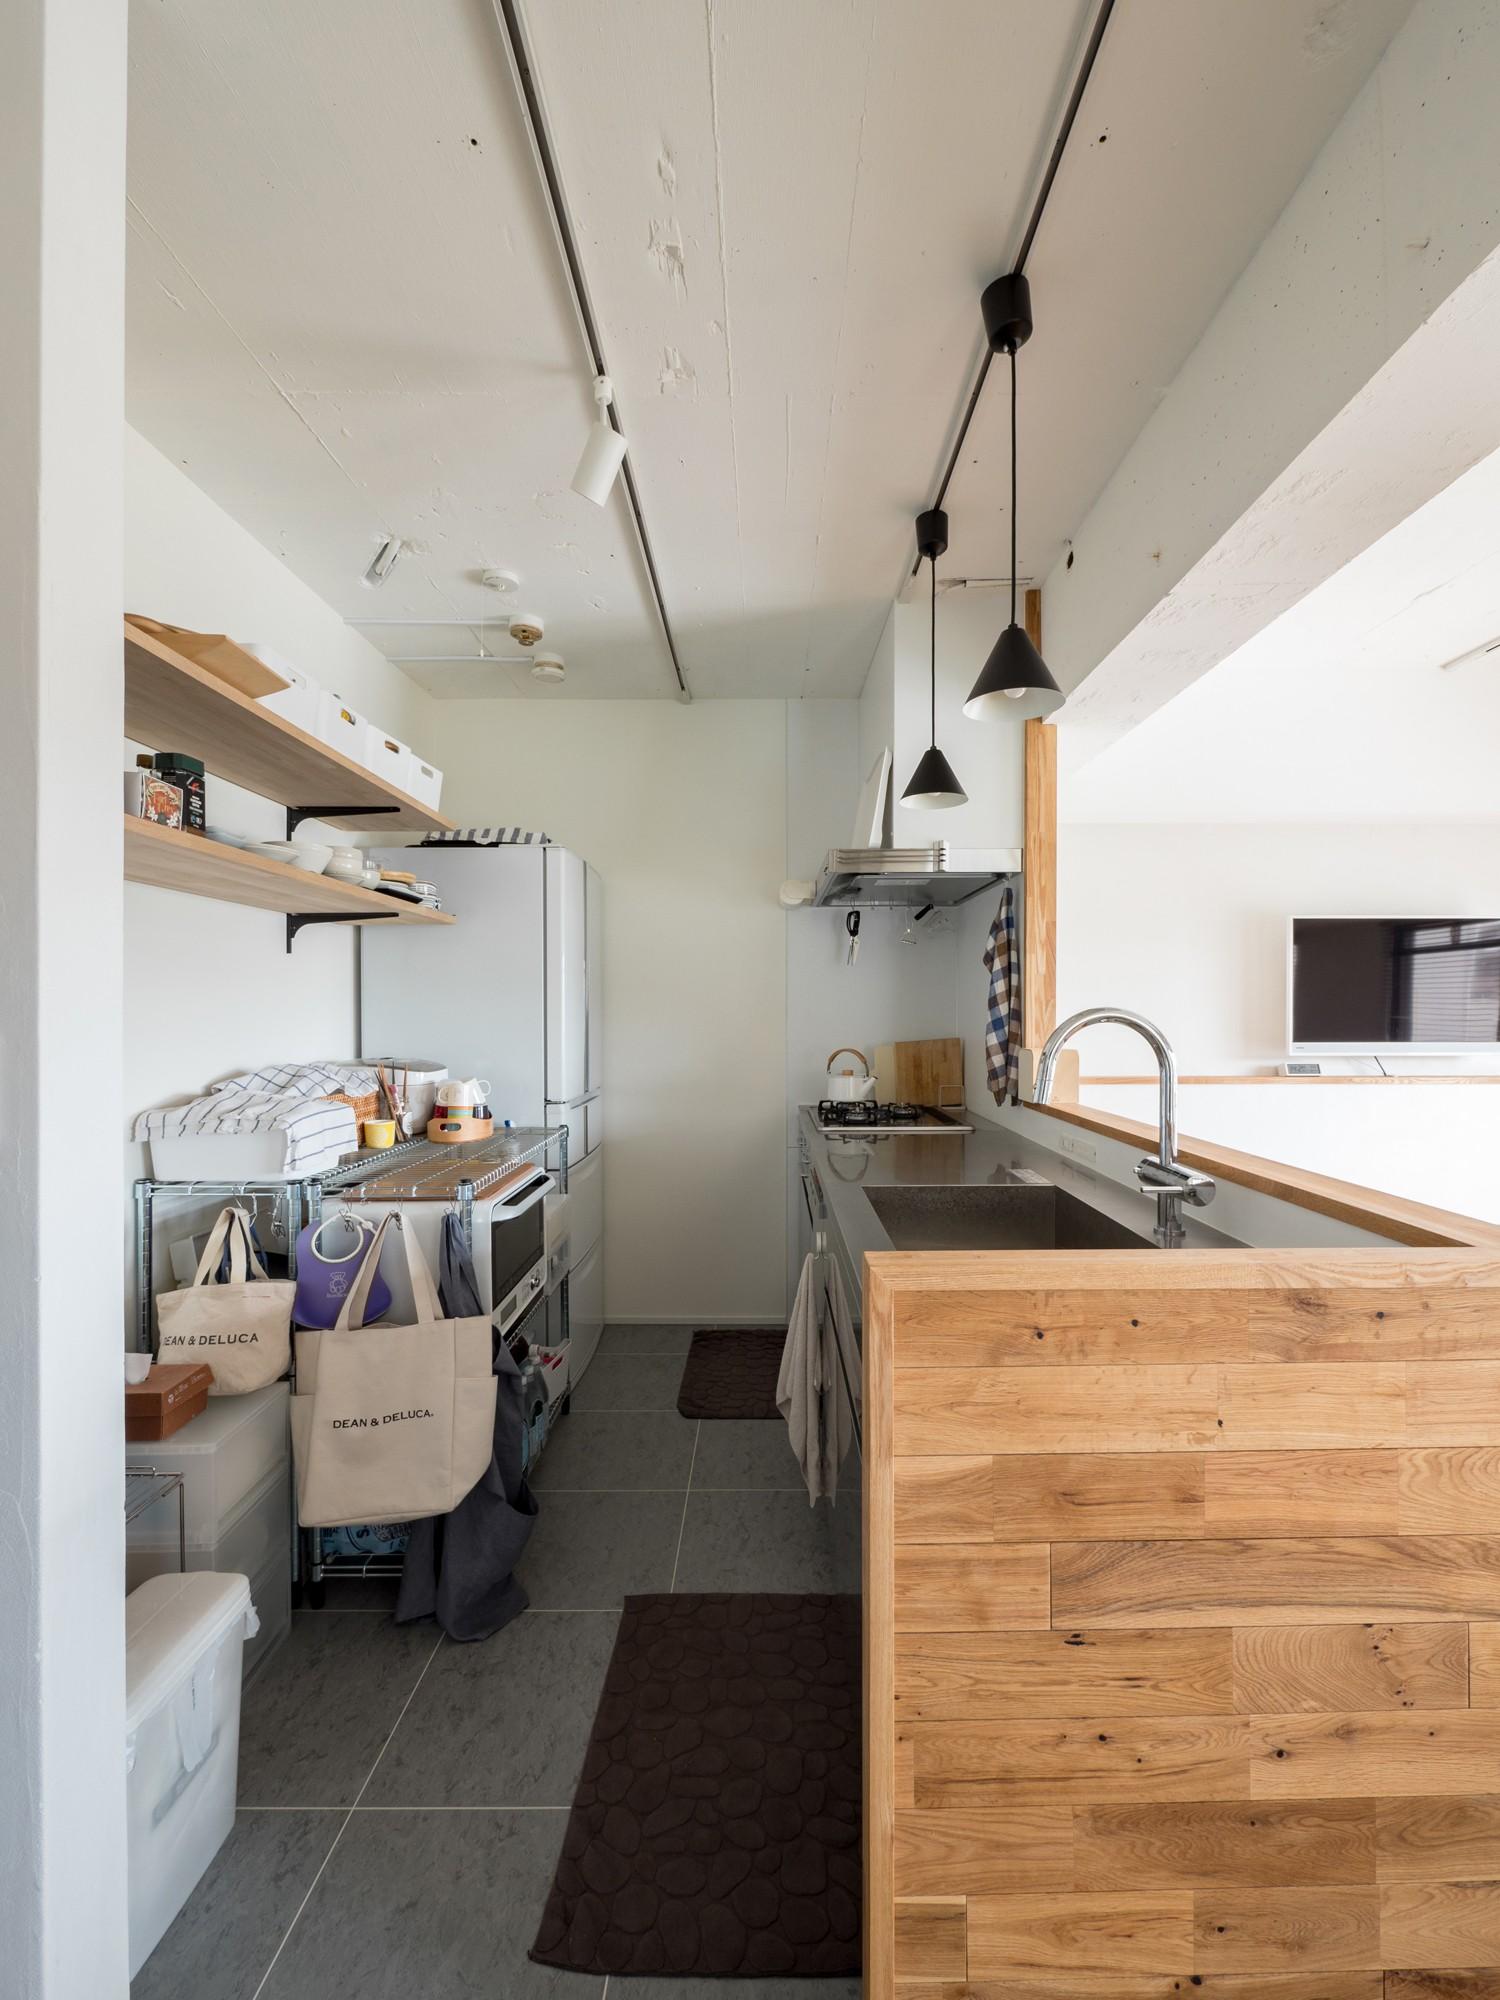 キッチン事例:フレキシブルスタイルのキッチン(素因数の家 すくすくリノベーションvol.11)